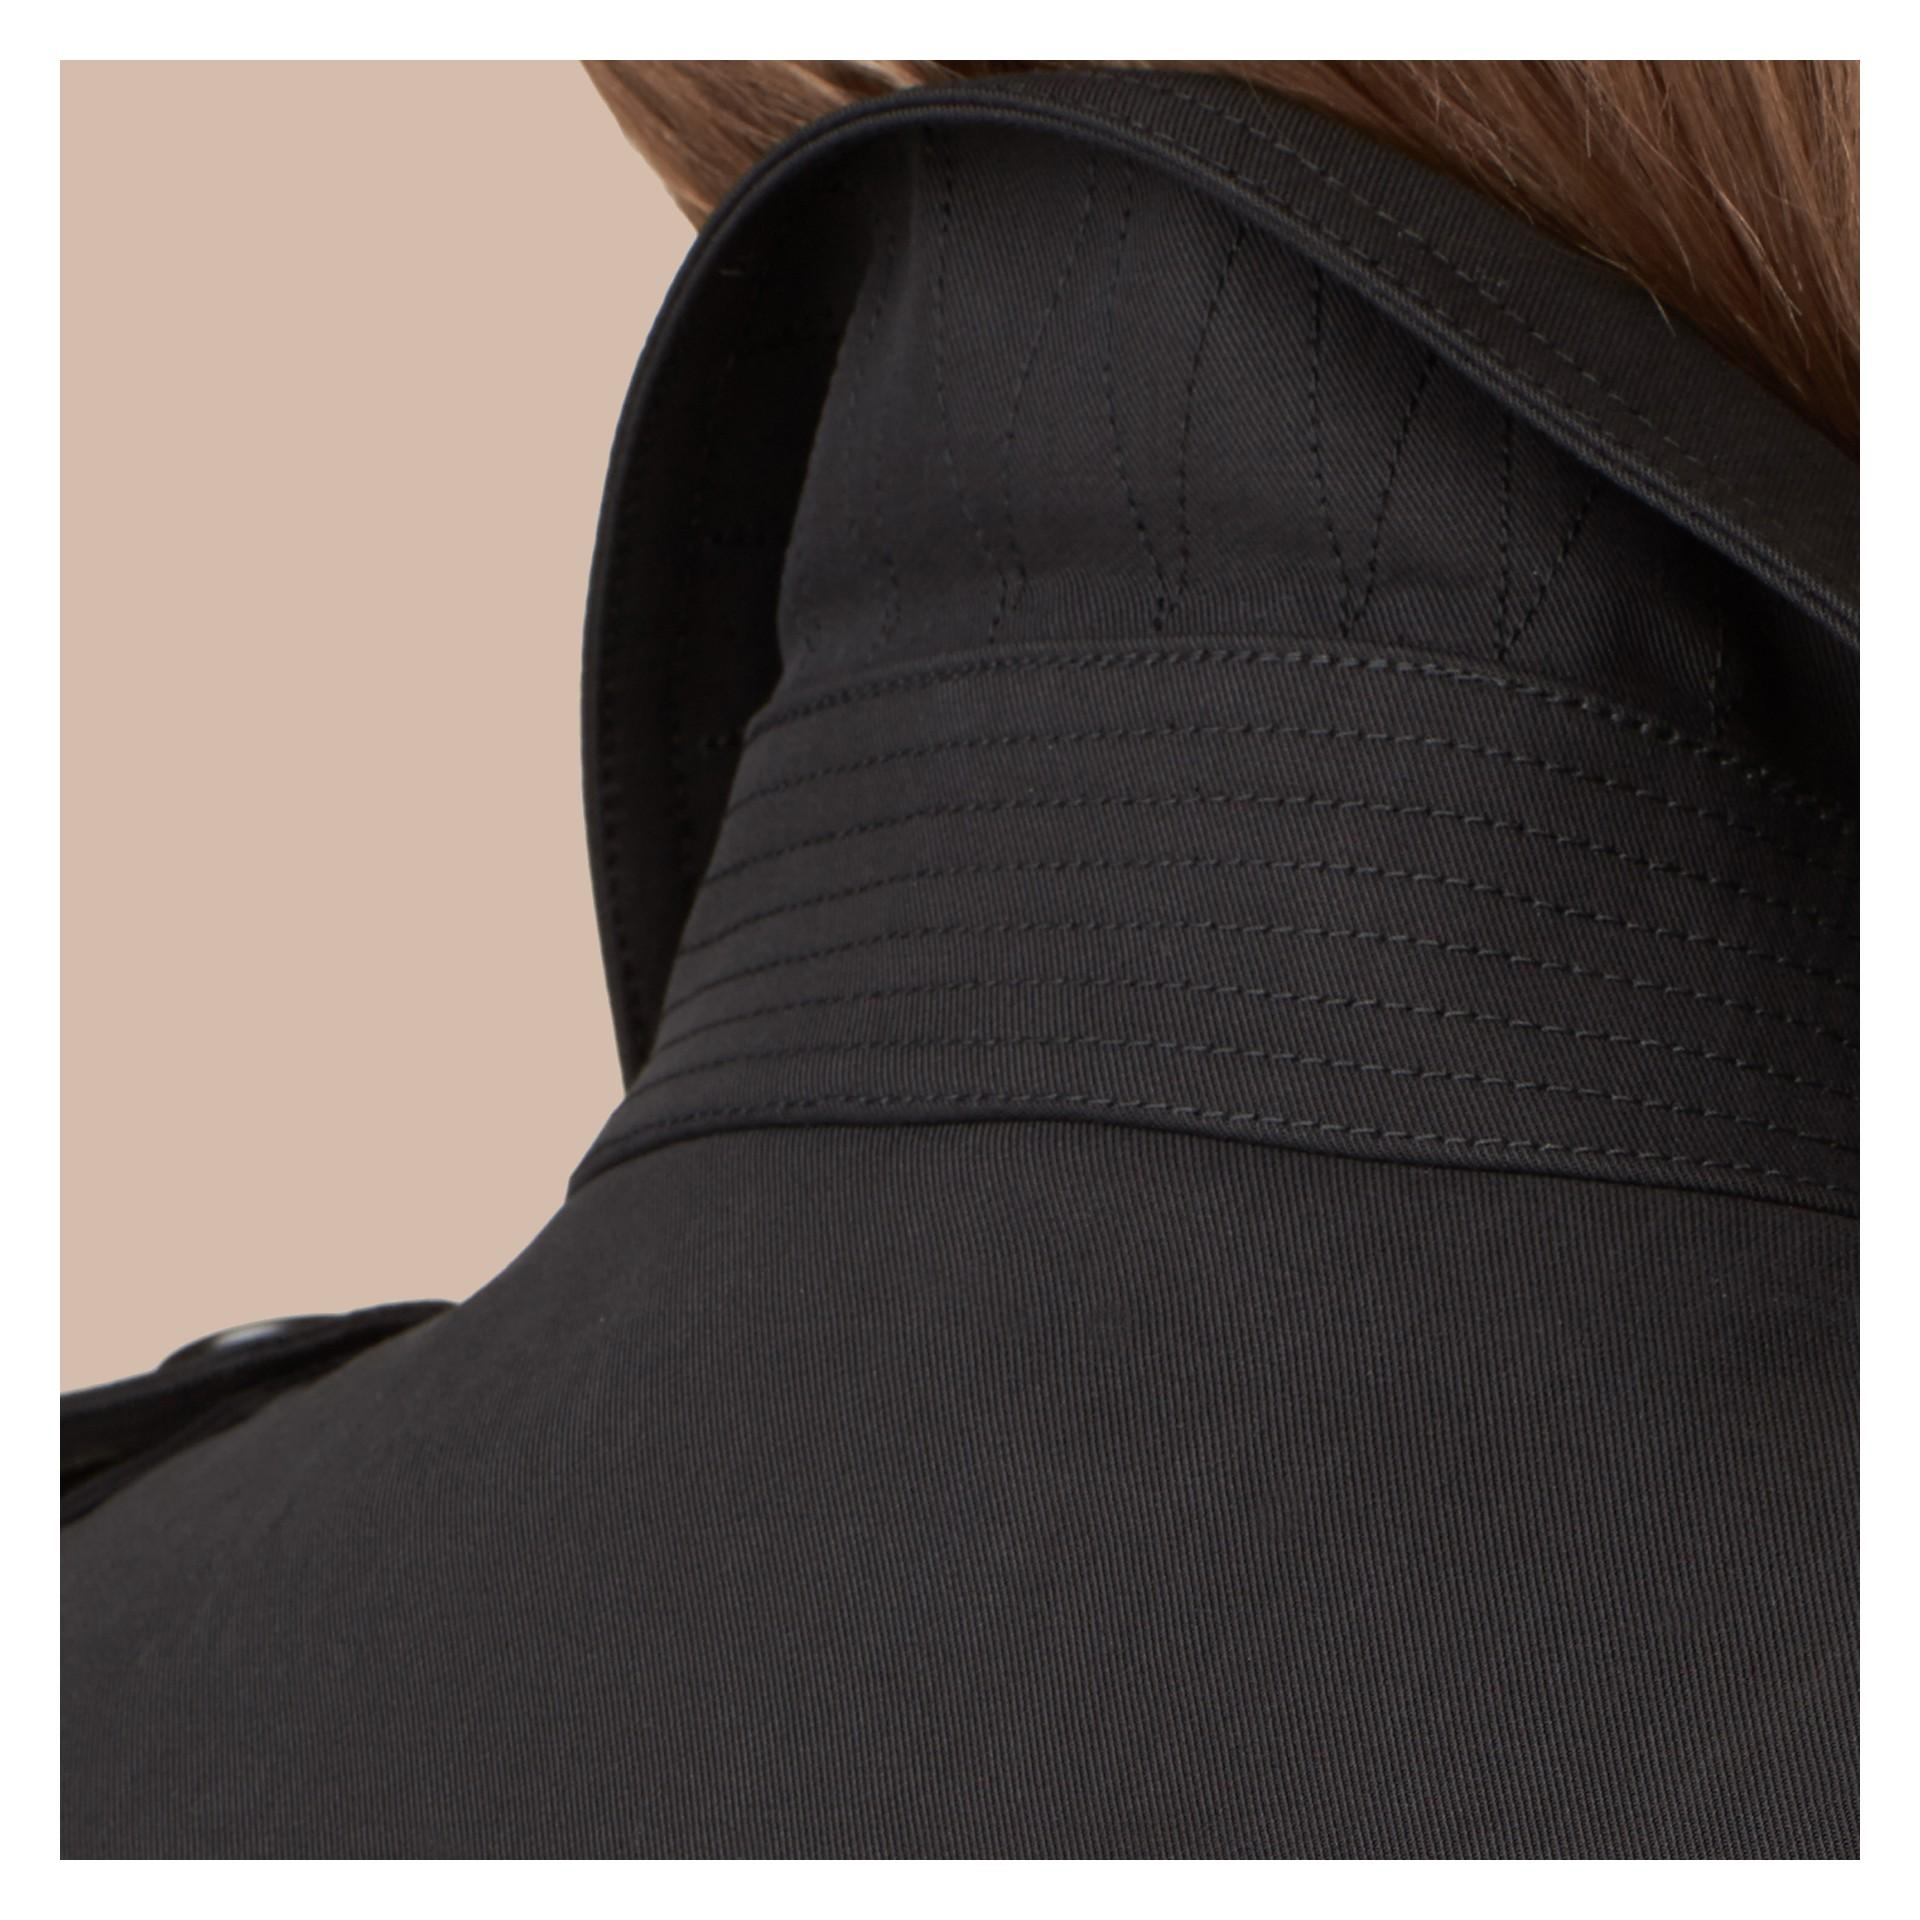 Preto Trench coat de gabardine de algodão Preto - galeria de imagens 2